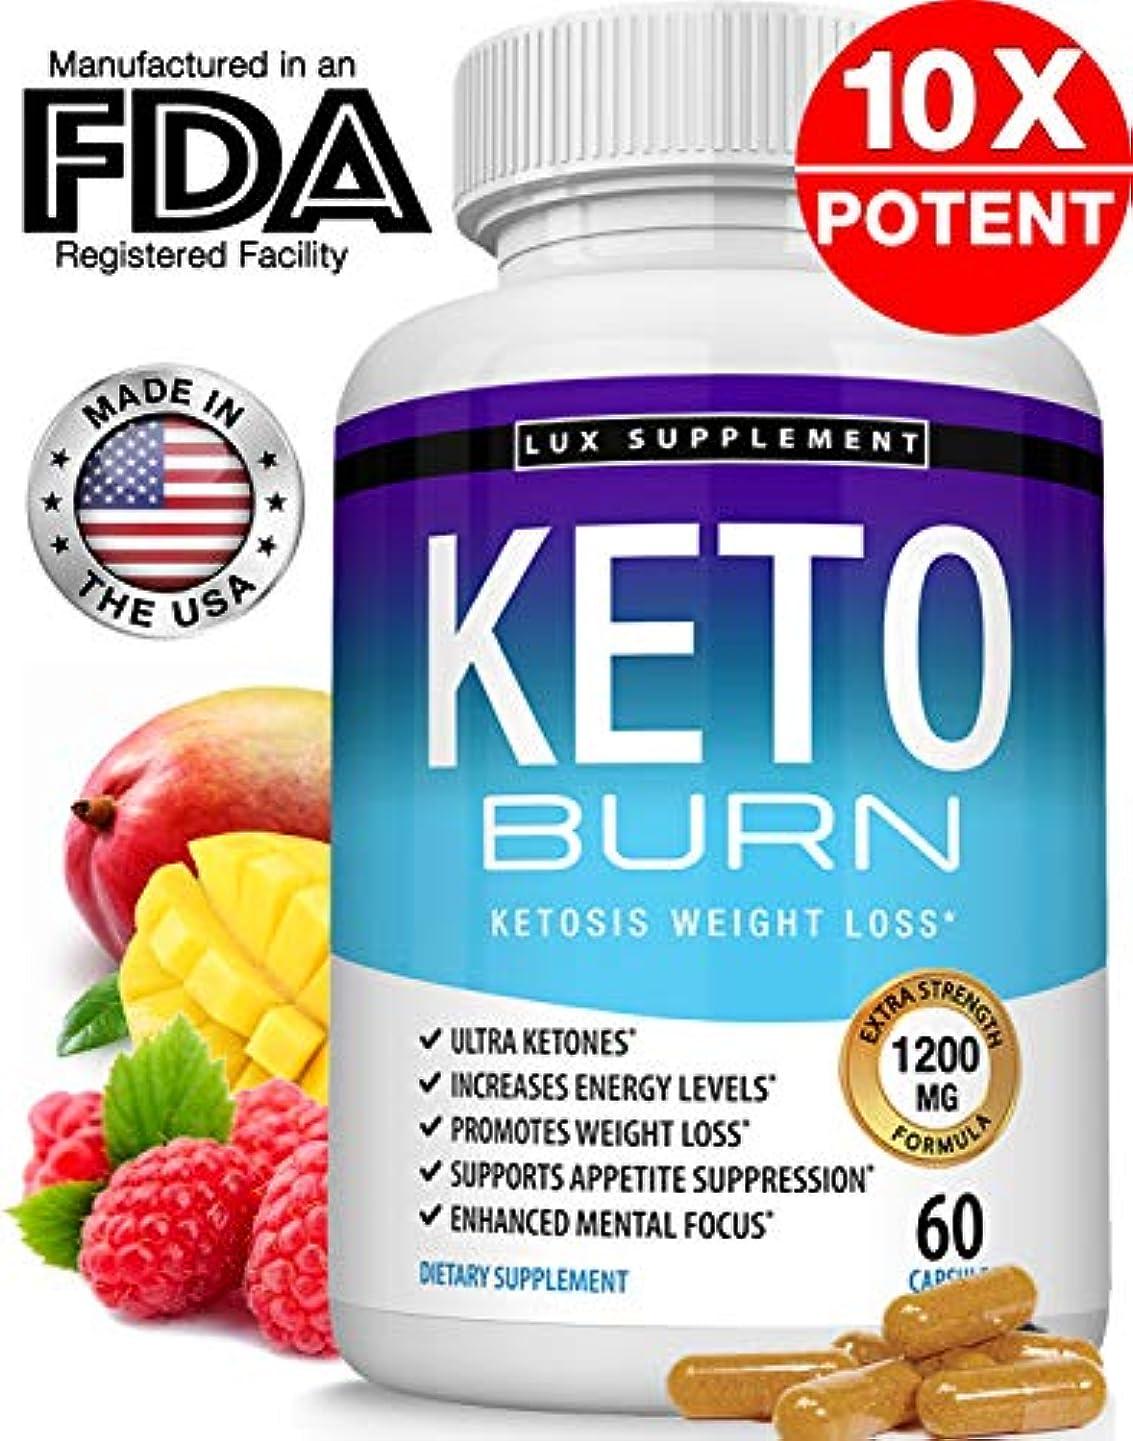 土ステップ輸送Lux Supplement ケト バーン KETO BURN 1200 Mg ケトジェニック ダイエット 燃焼系 サプリ 60粒 [海外直送品]